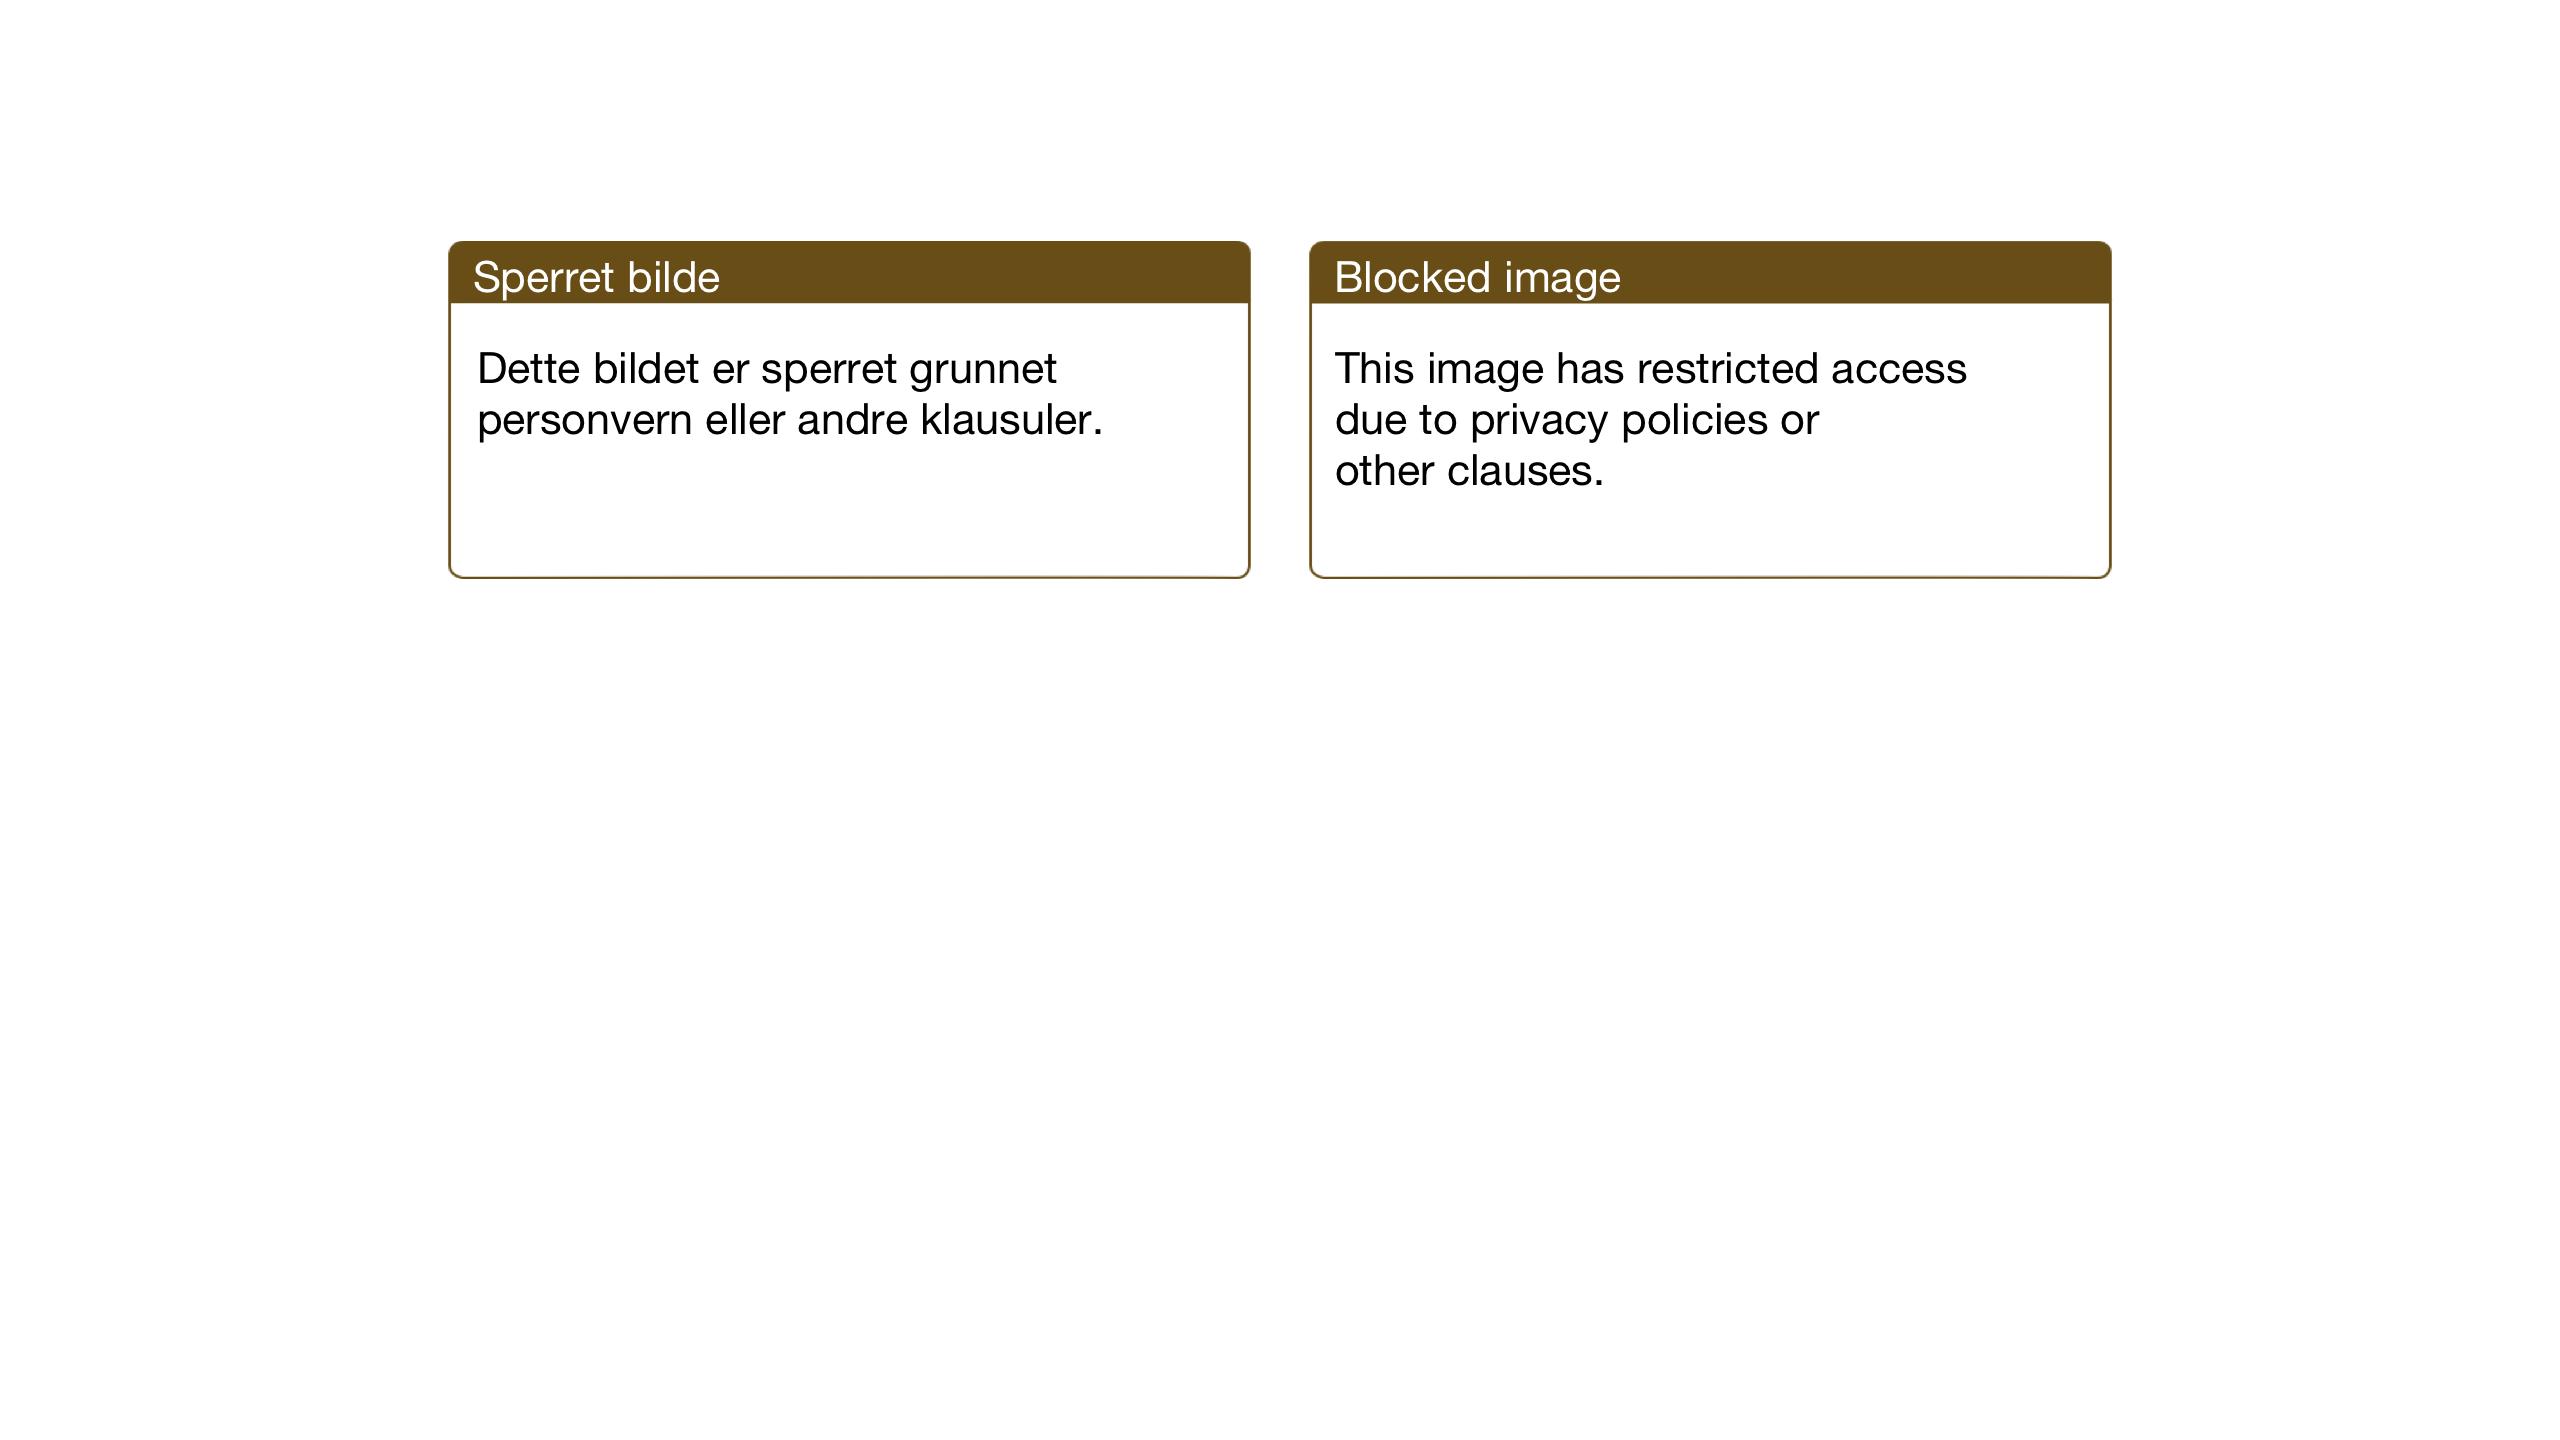 SAT, Ministerialprotokoller, klokkerbøker og fødselsregistre - Sør-Trøndelag, 682/L0947: Klokkerbok nr. 682C01, 1926-1968, s. 30